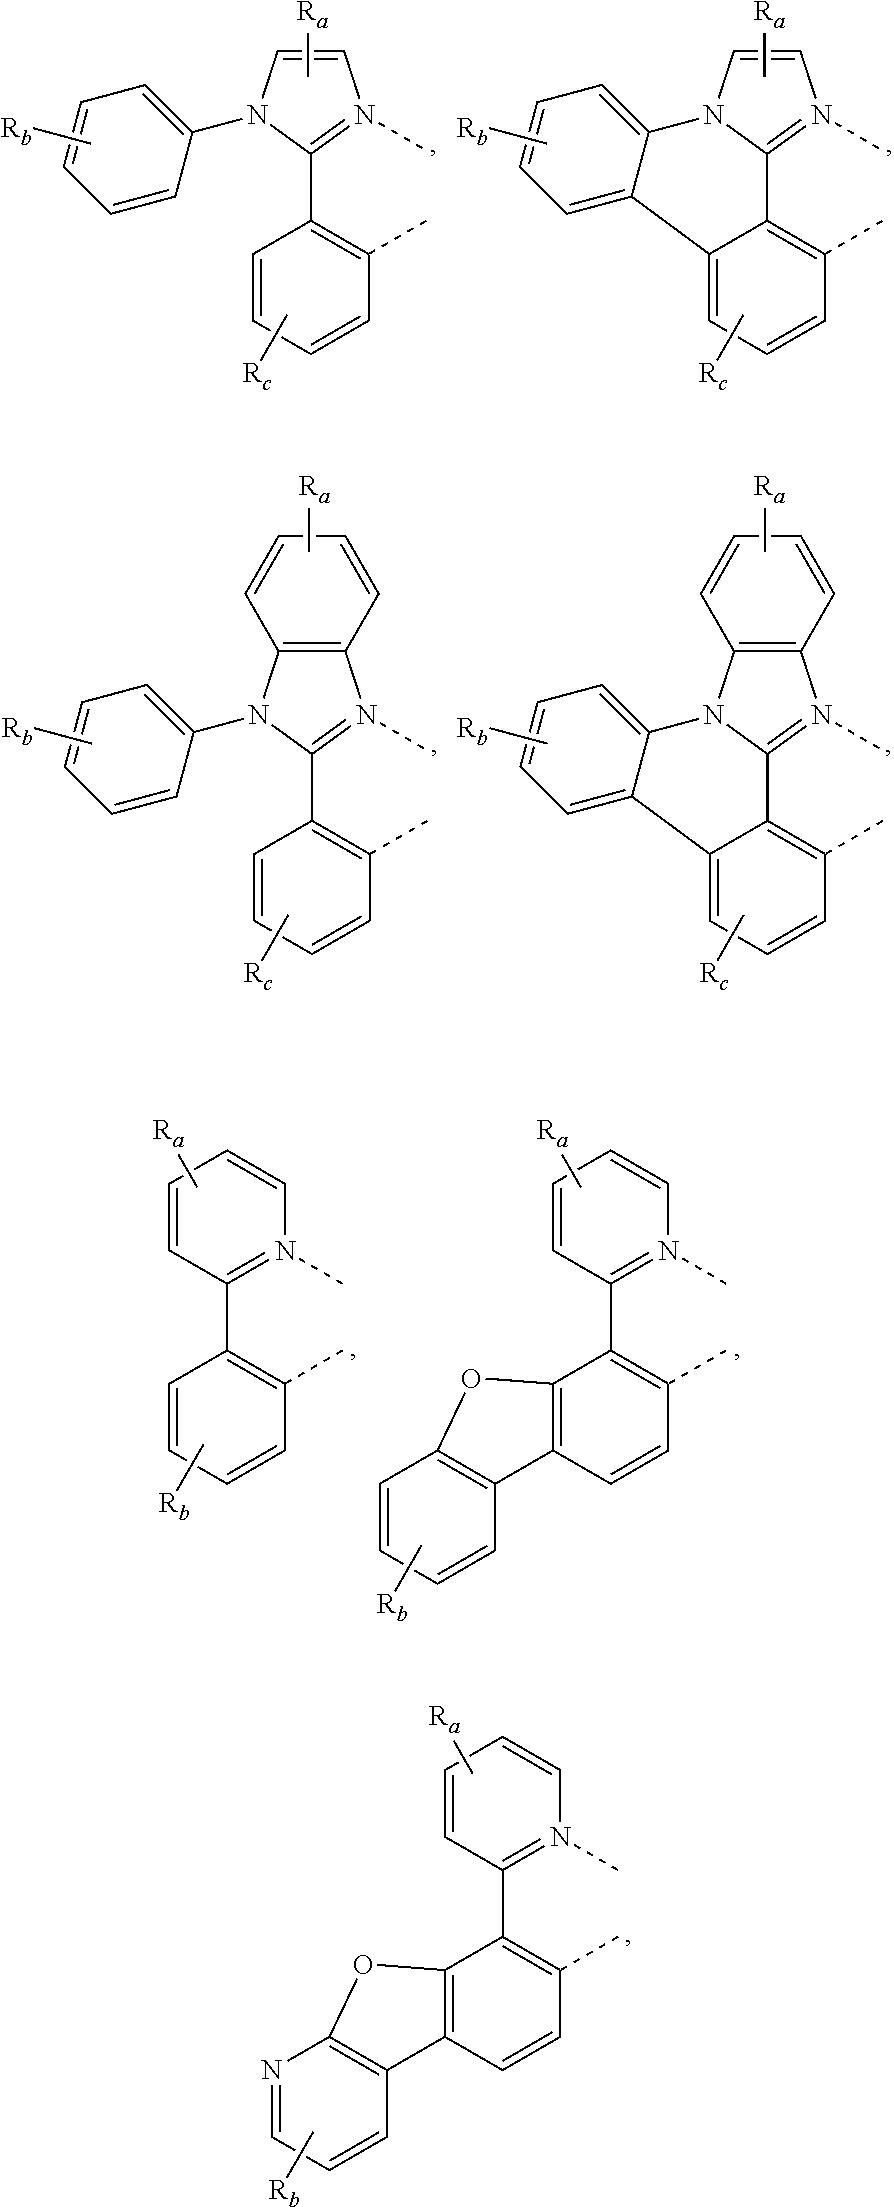 Figure US09673401-20170606-C00047